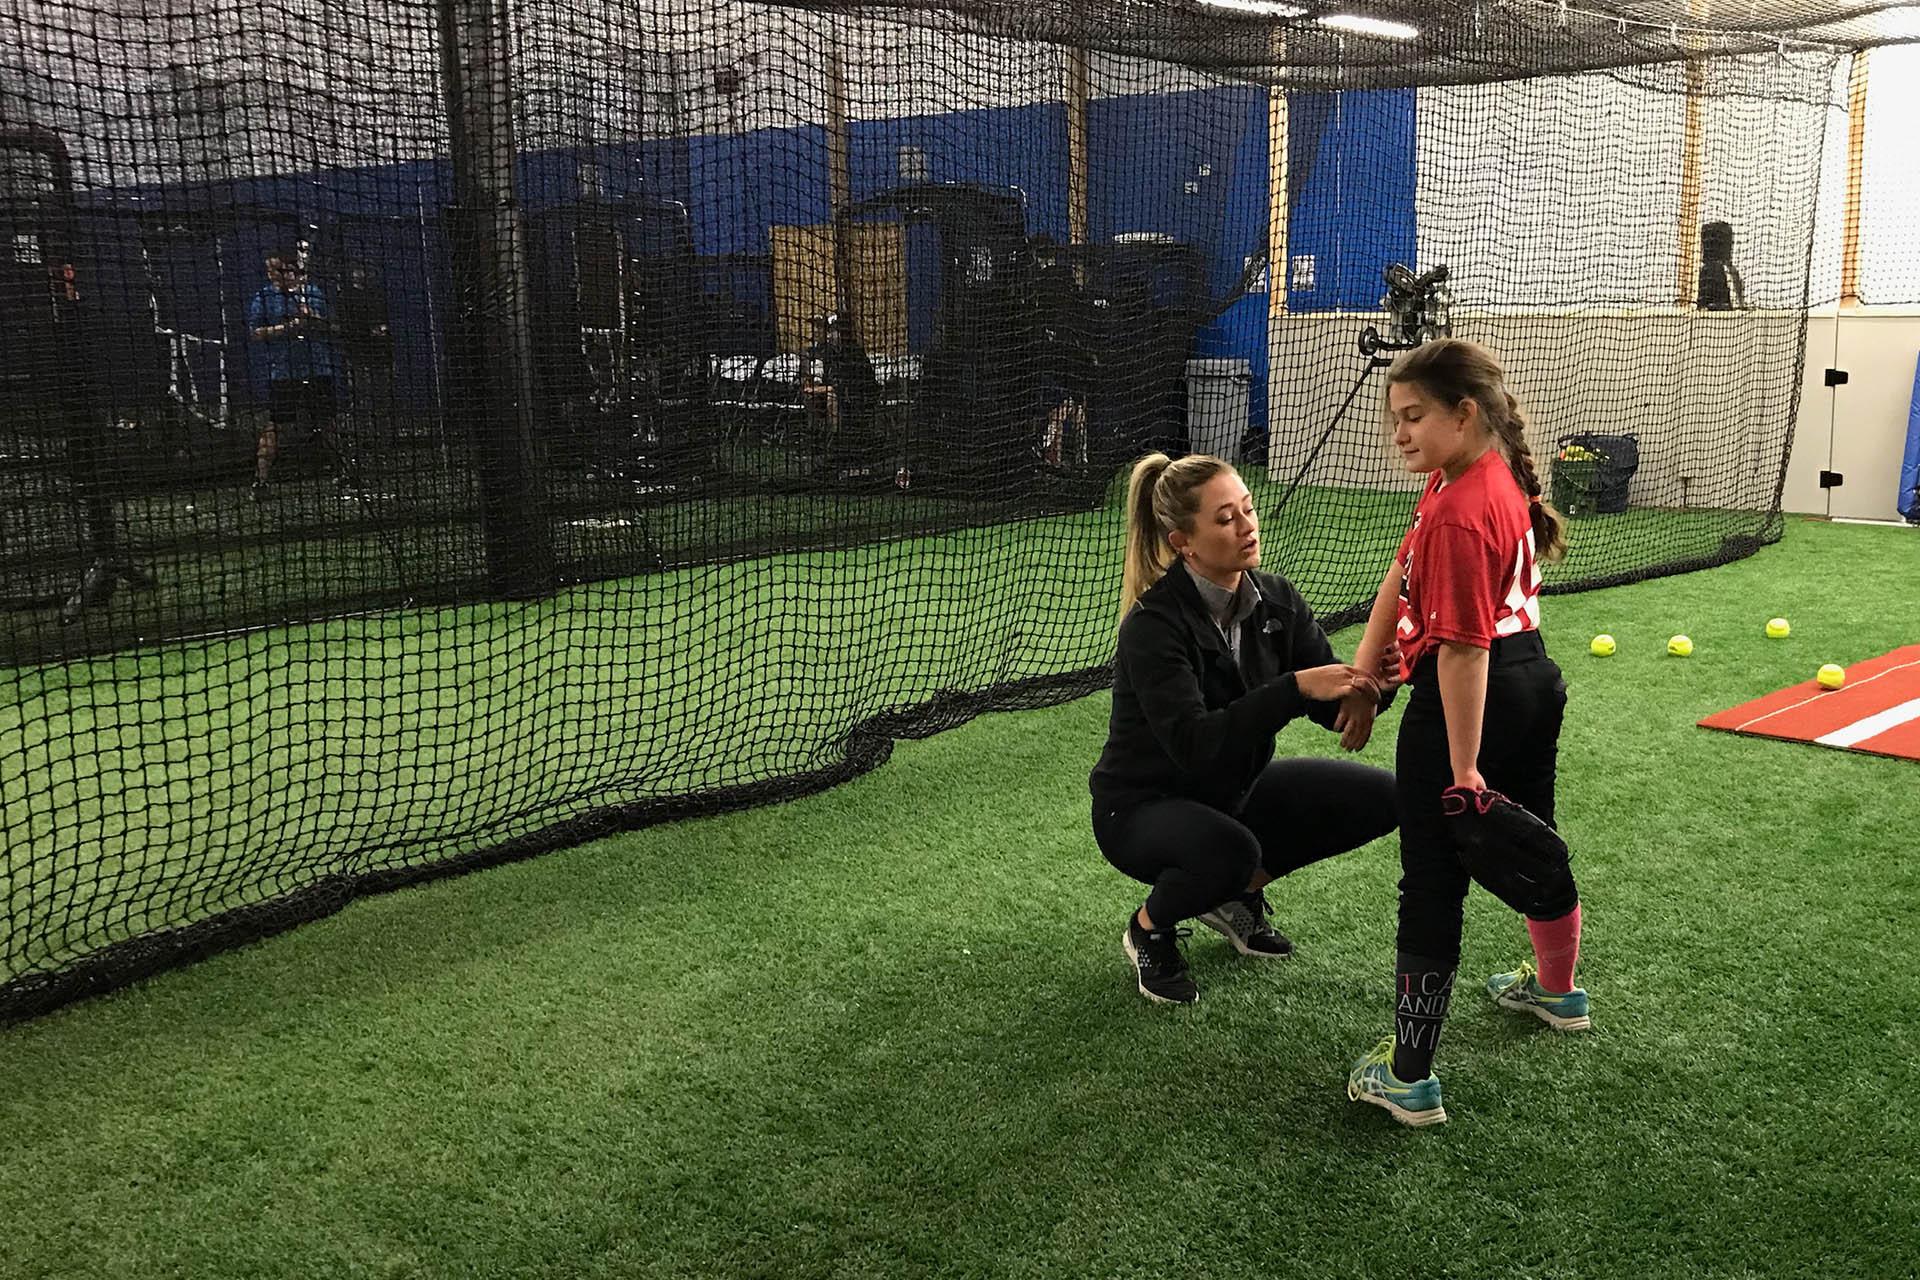 Softball Pitching Clinic (4/17/2021)